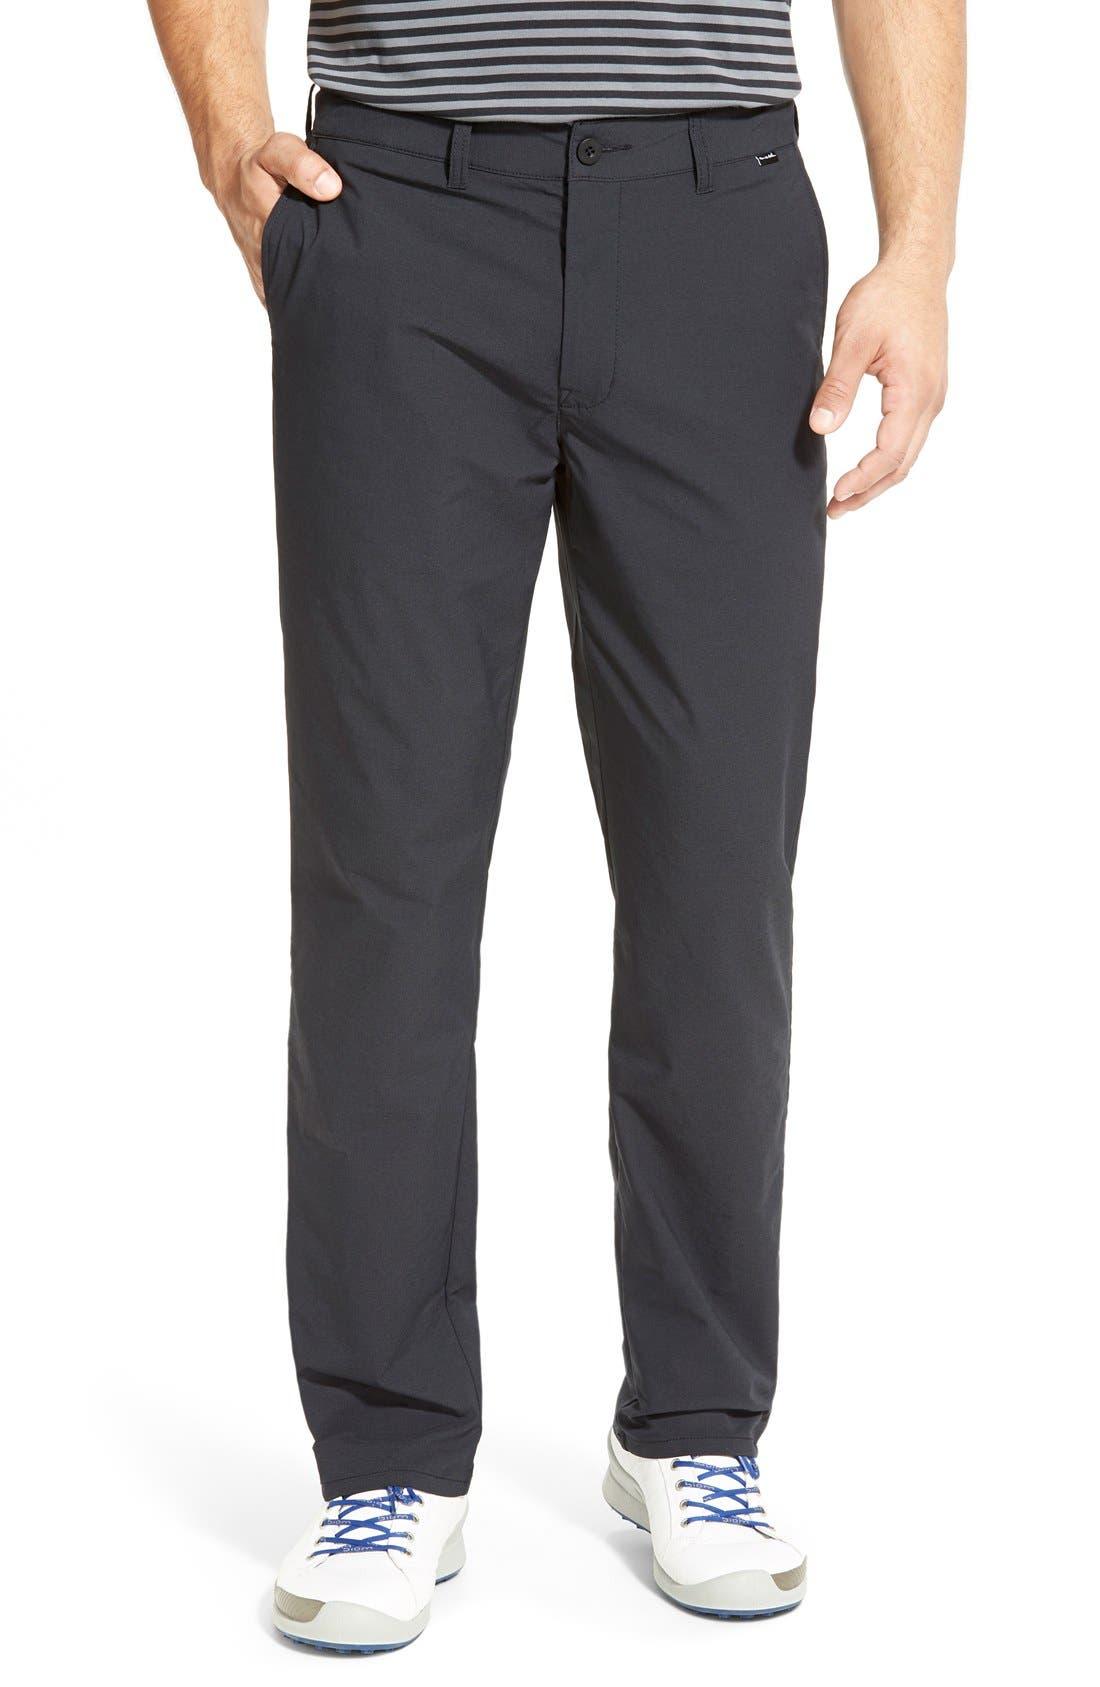 'Hough' Trim Fit Golf Pants,                             Main thumbnail 1, color,                             001